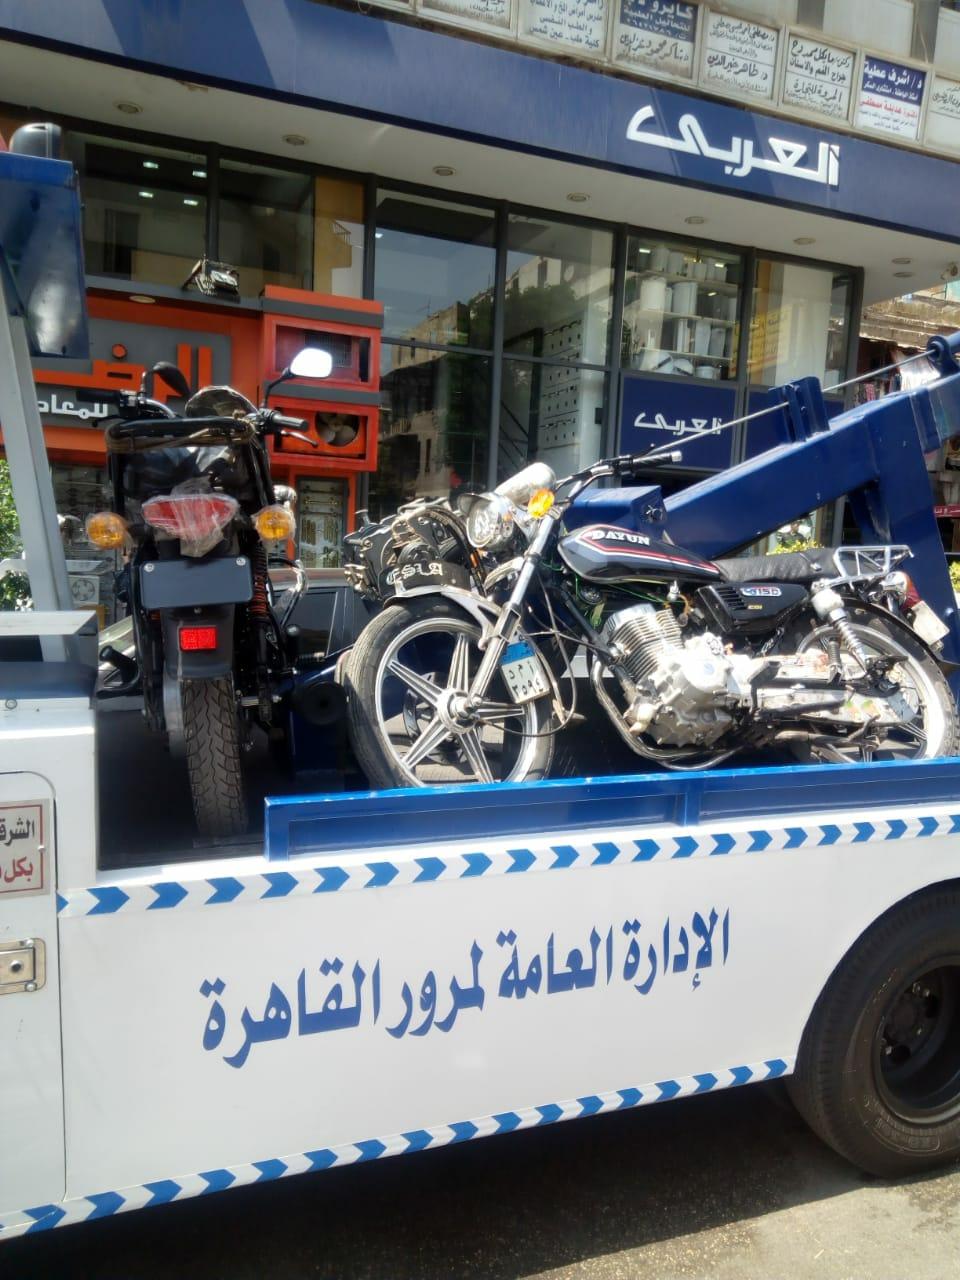 ضبط دراجات بخارية مخالفة